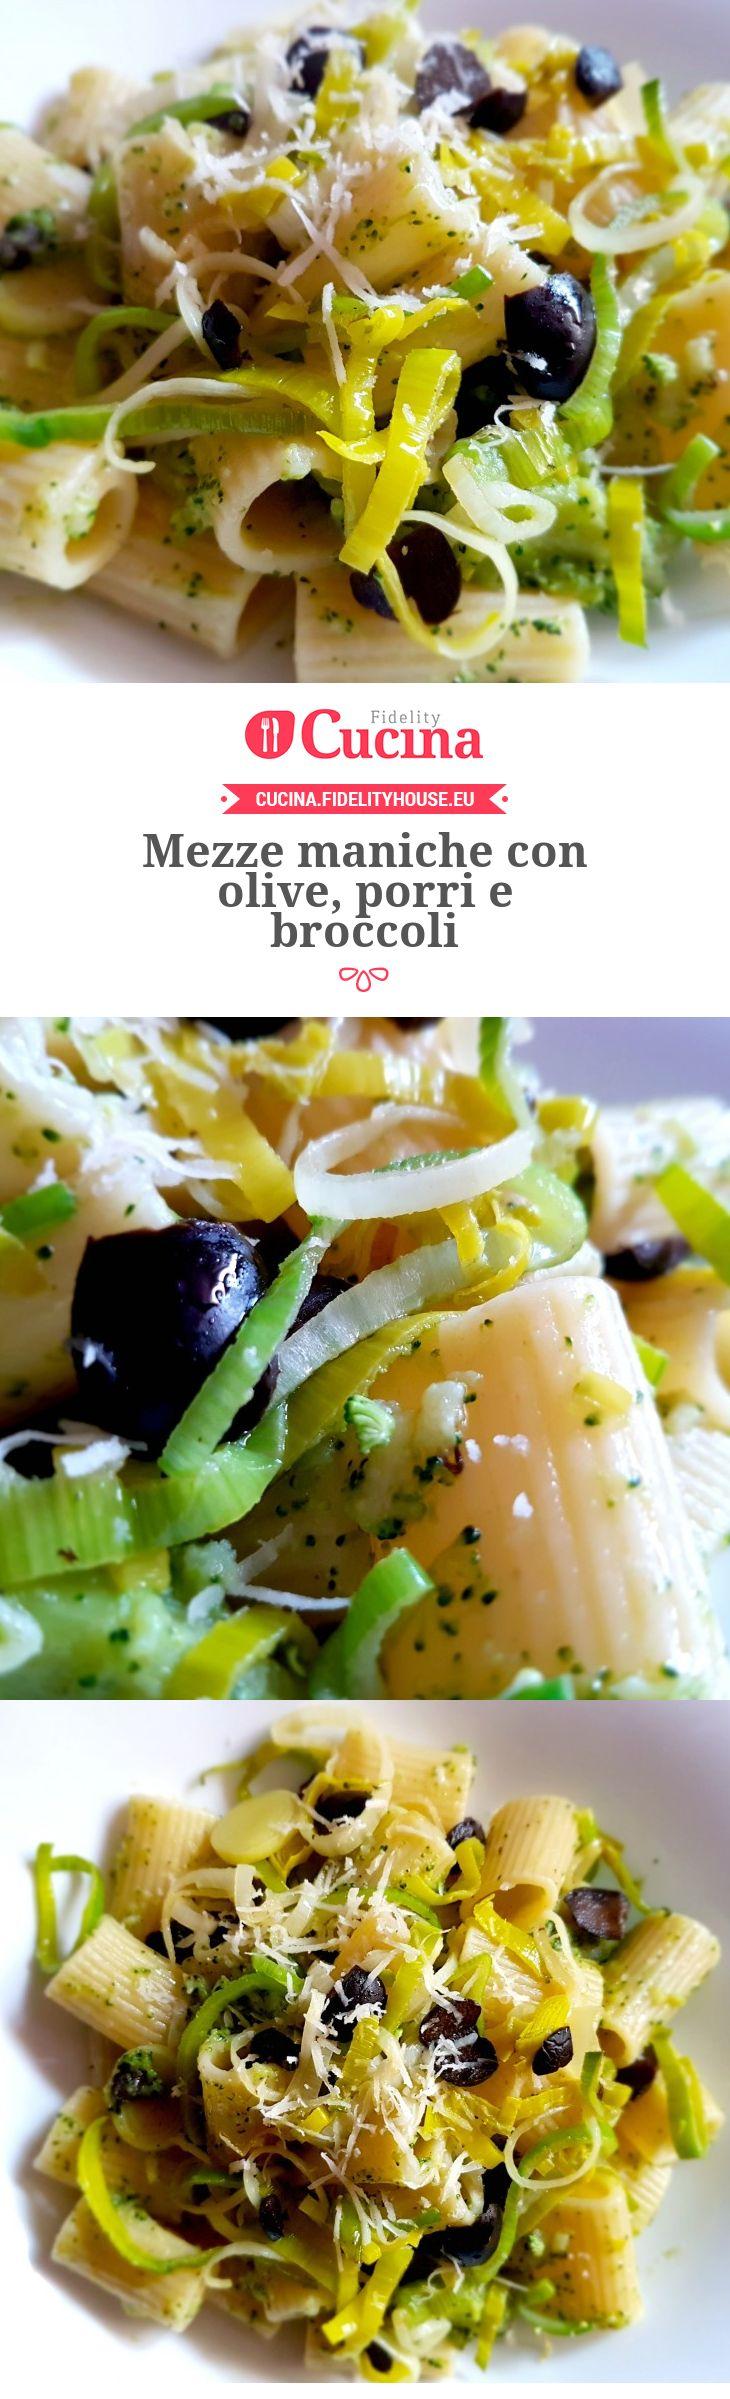 Mezze maniche con olive, porri e broccoli